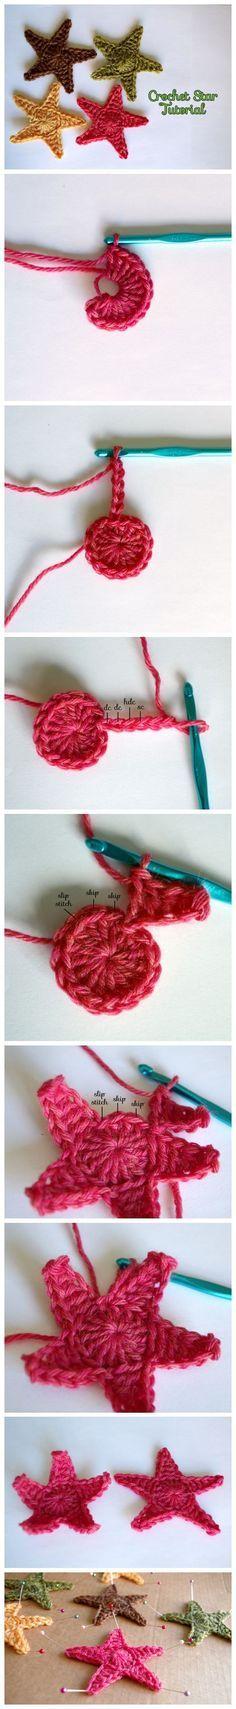 How to make a crochet star | best stuff